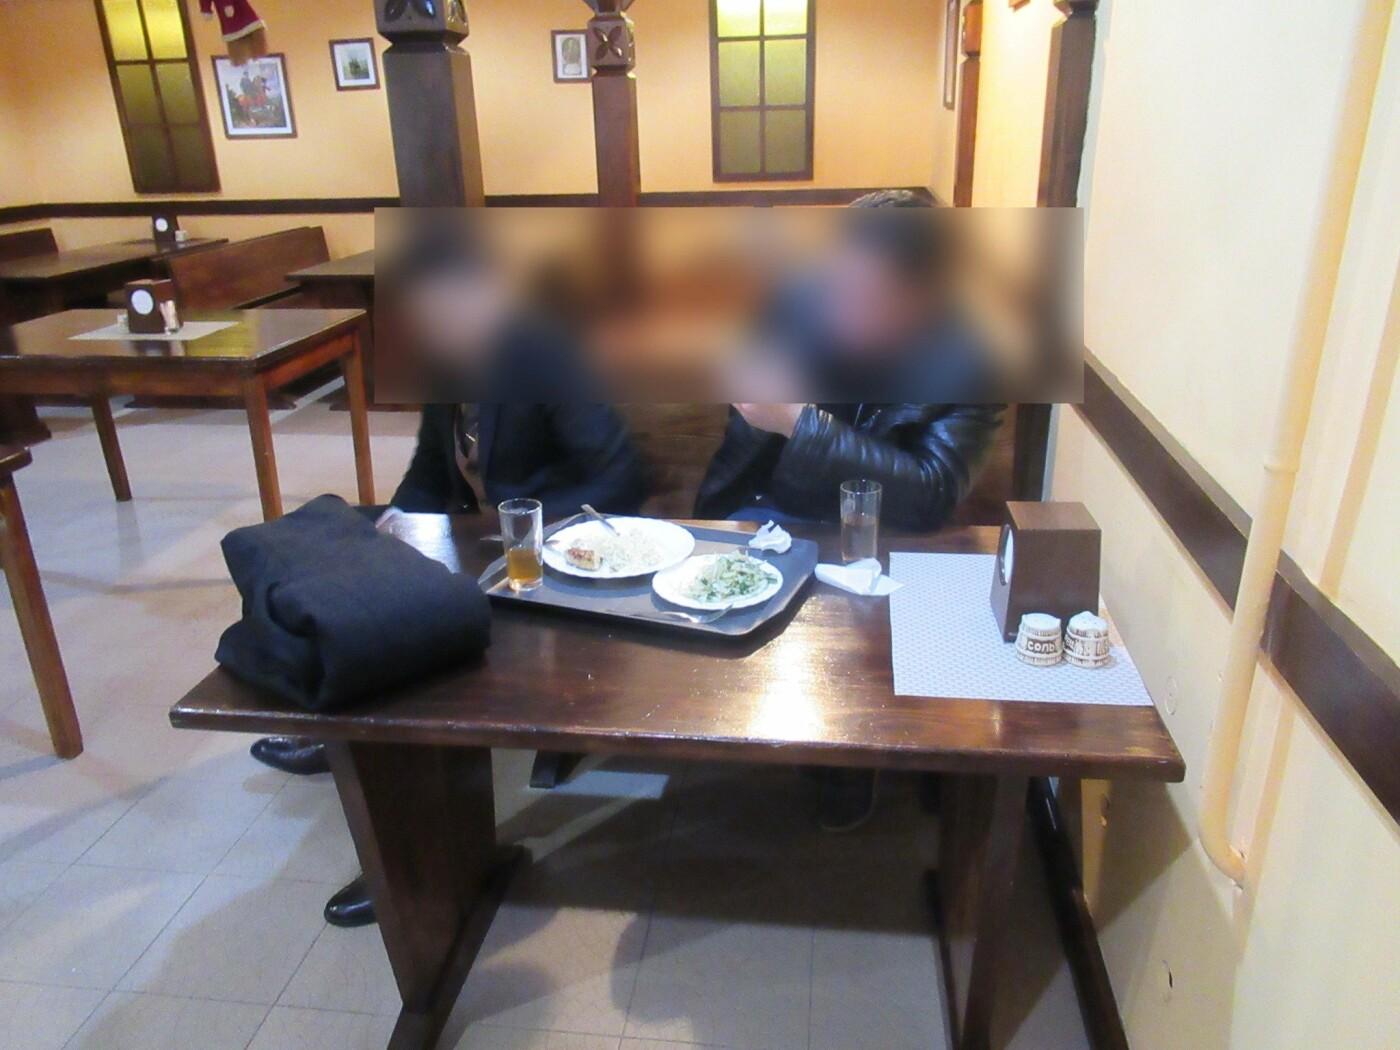 В Сумах поліція за фактом порушення карантинних заходів відкрила кримінальне провадження, фото-1